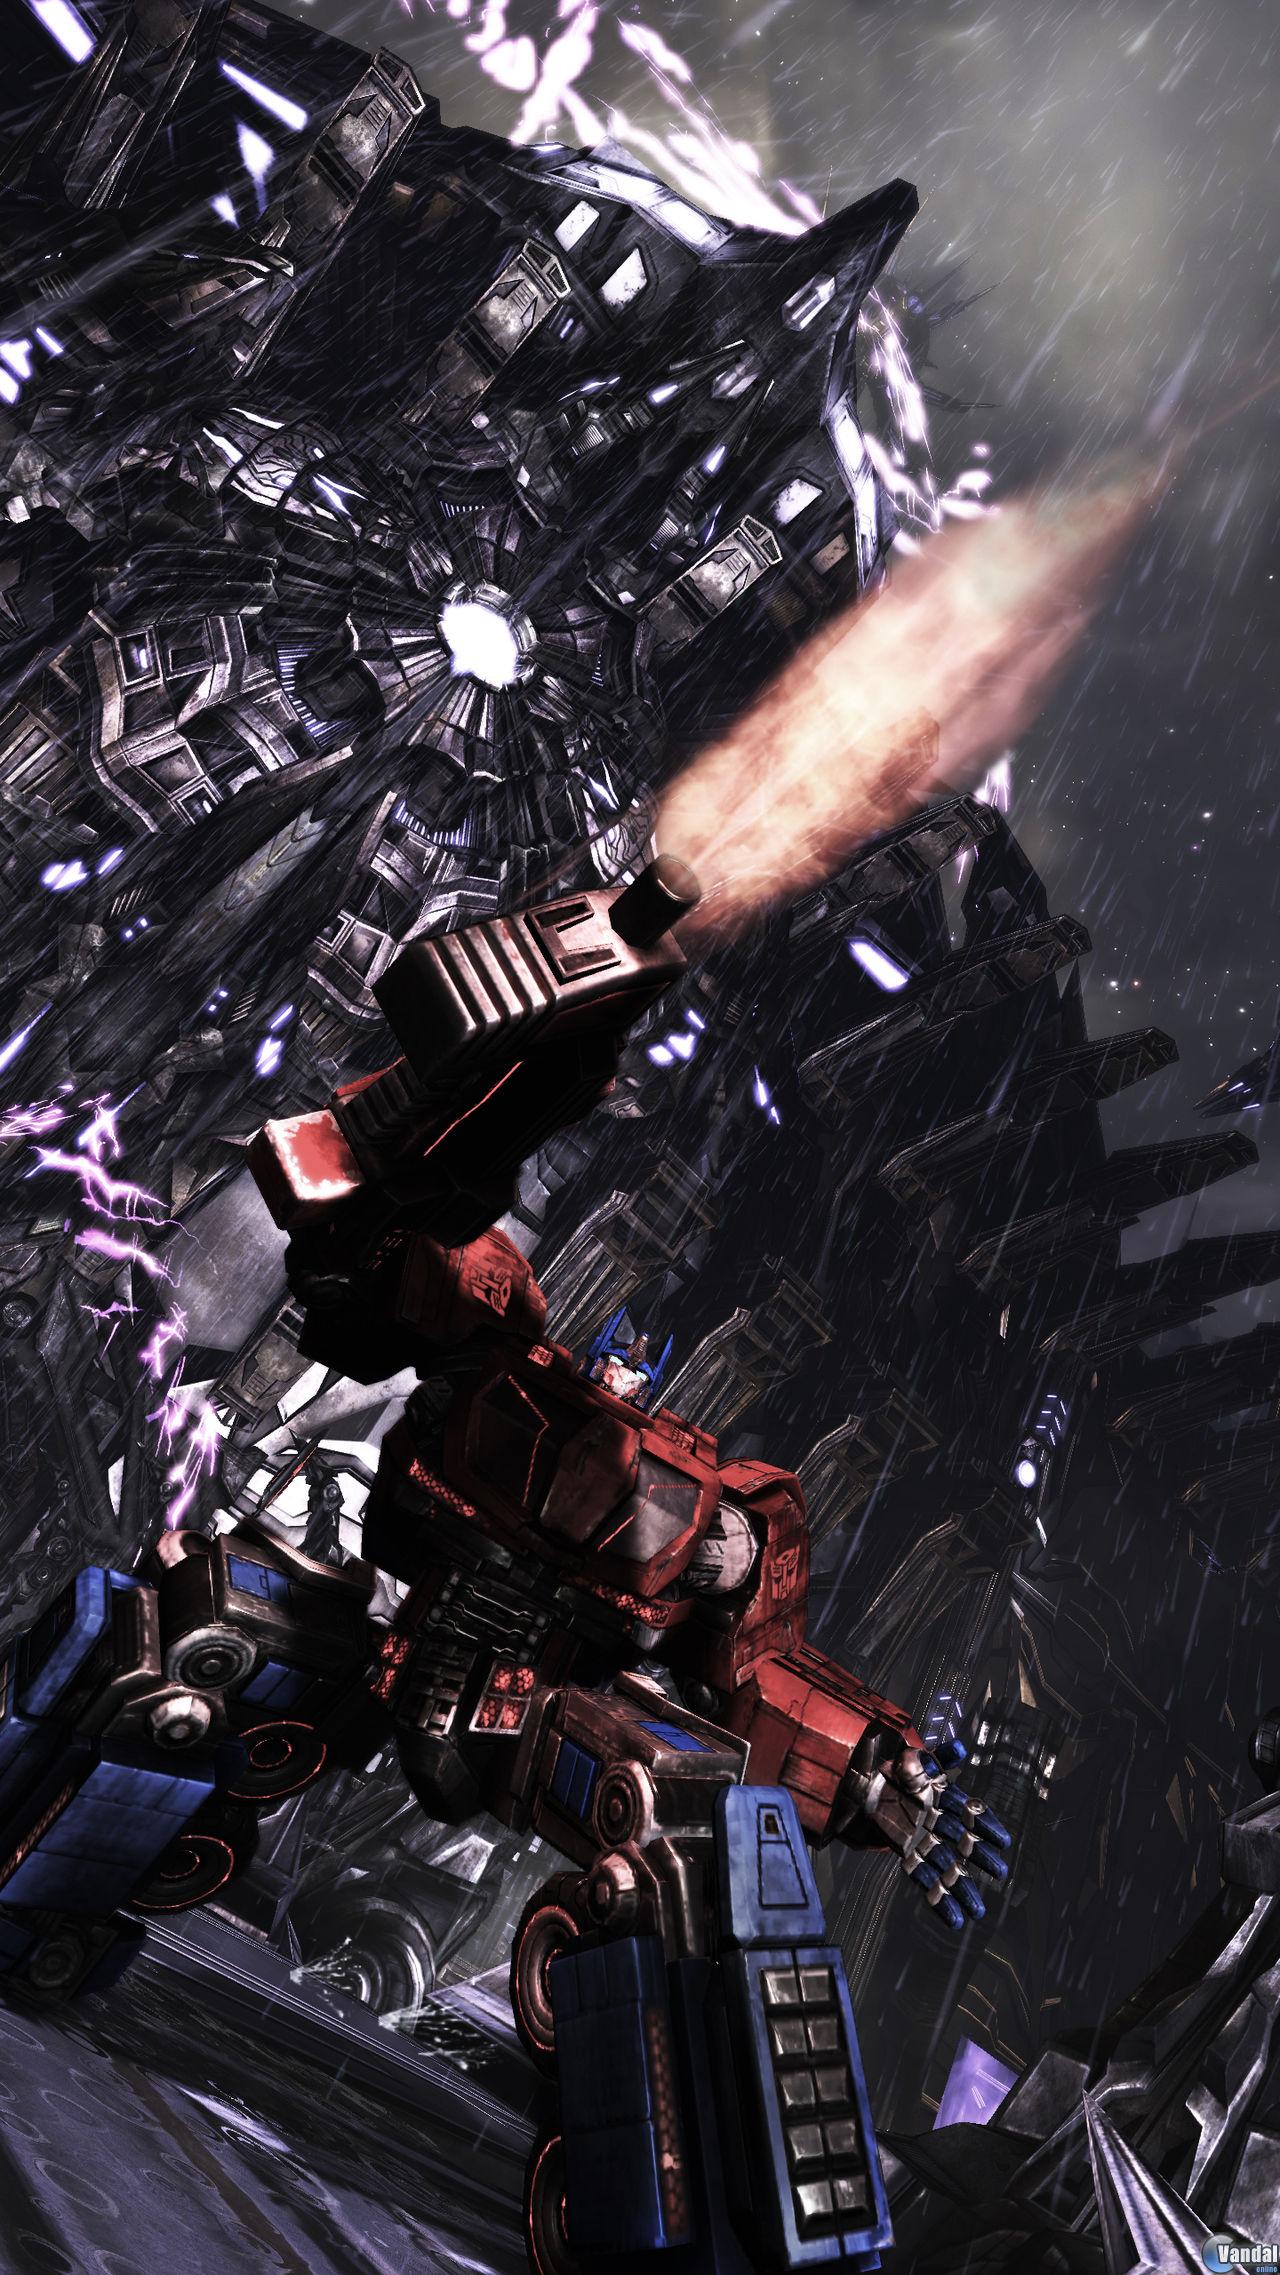 http://media.vandal.net/m/11814/2010114165020_7.jpg